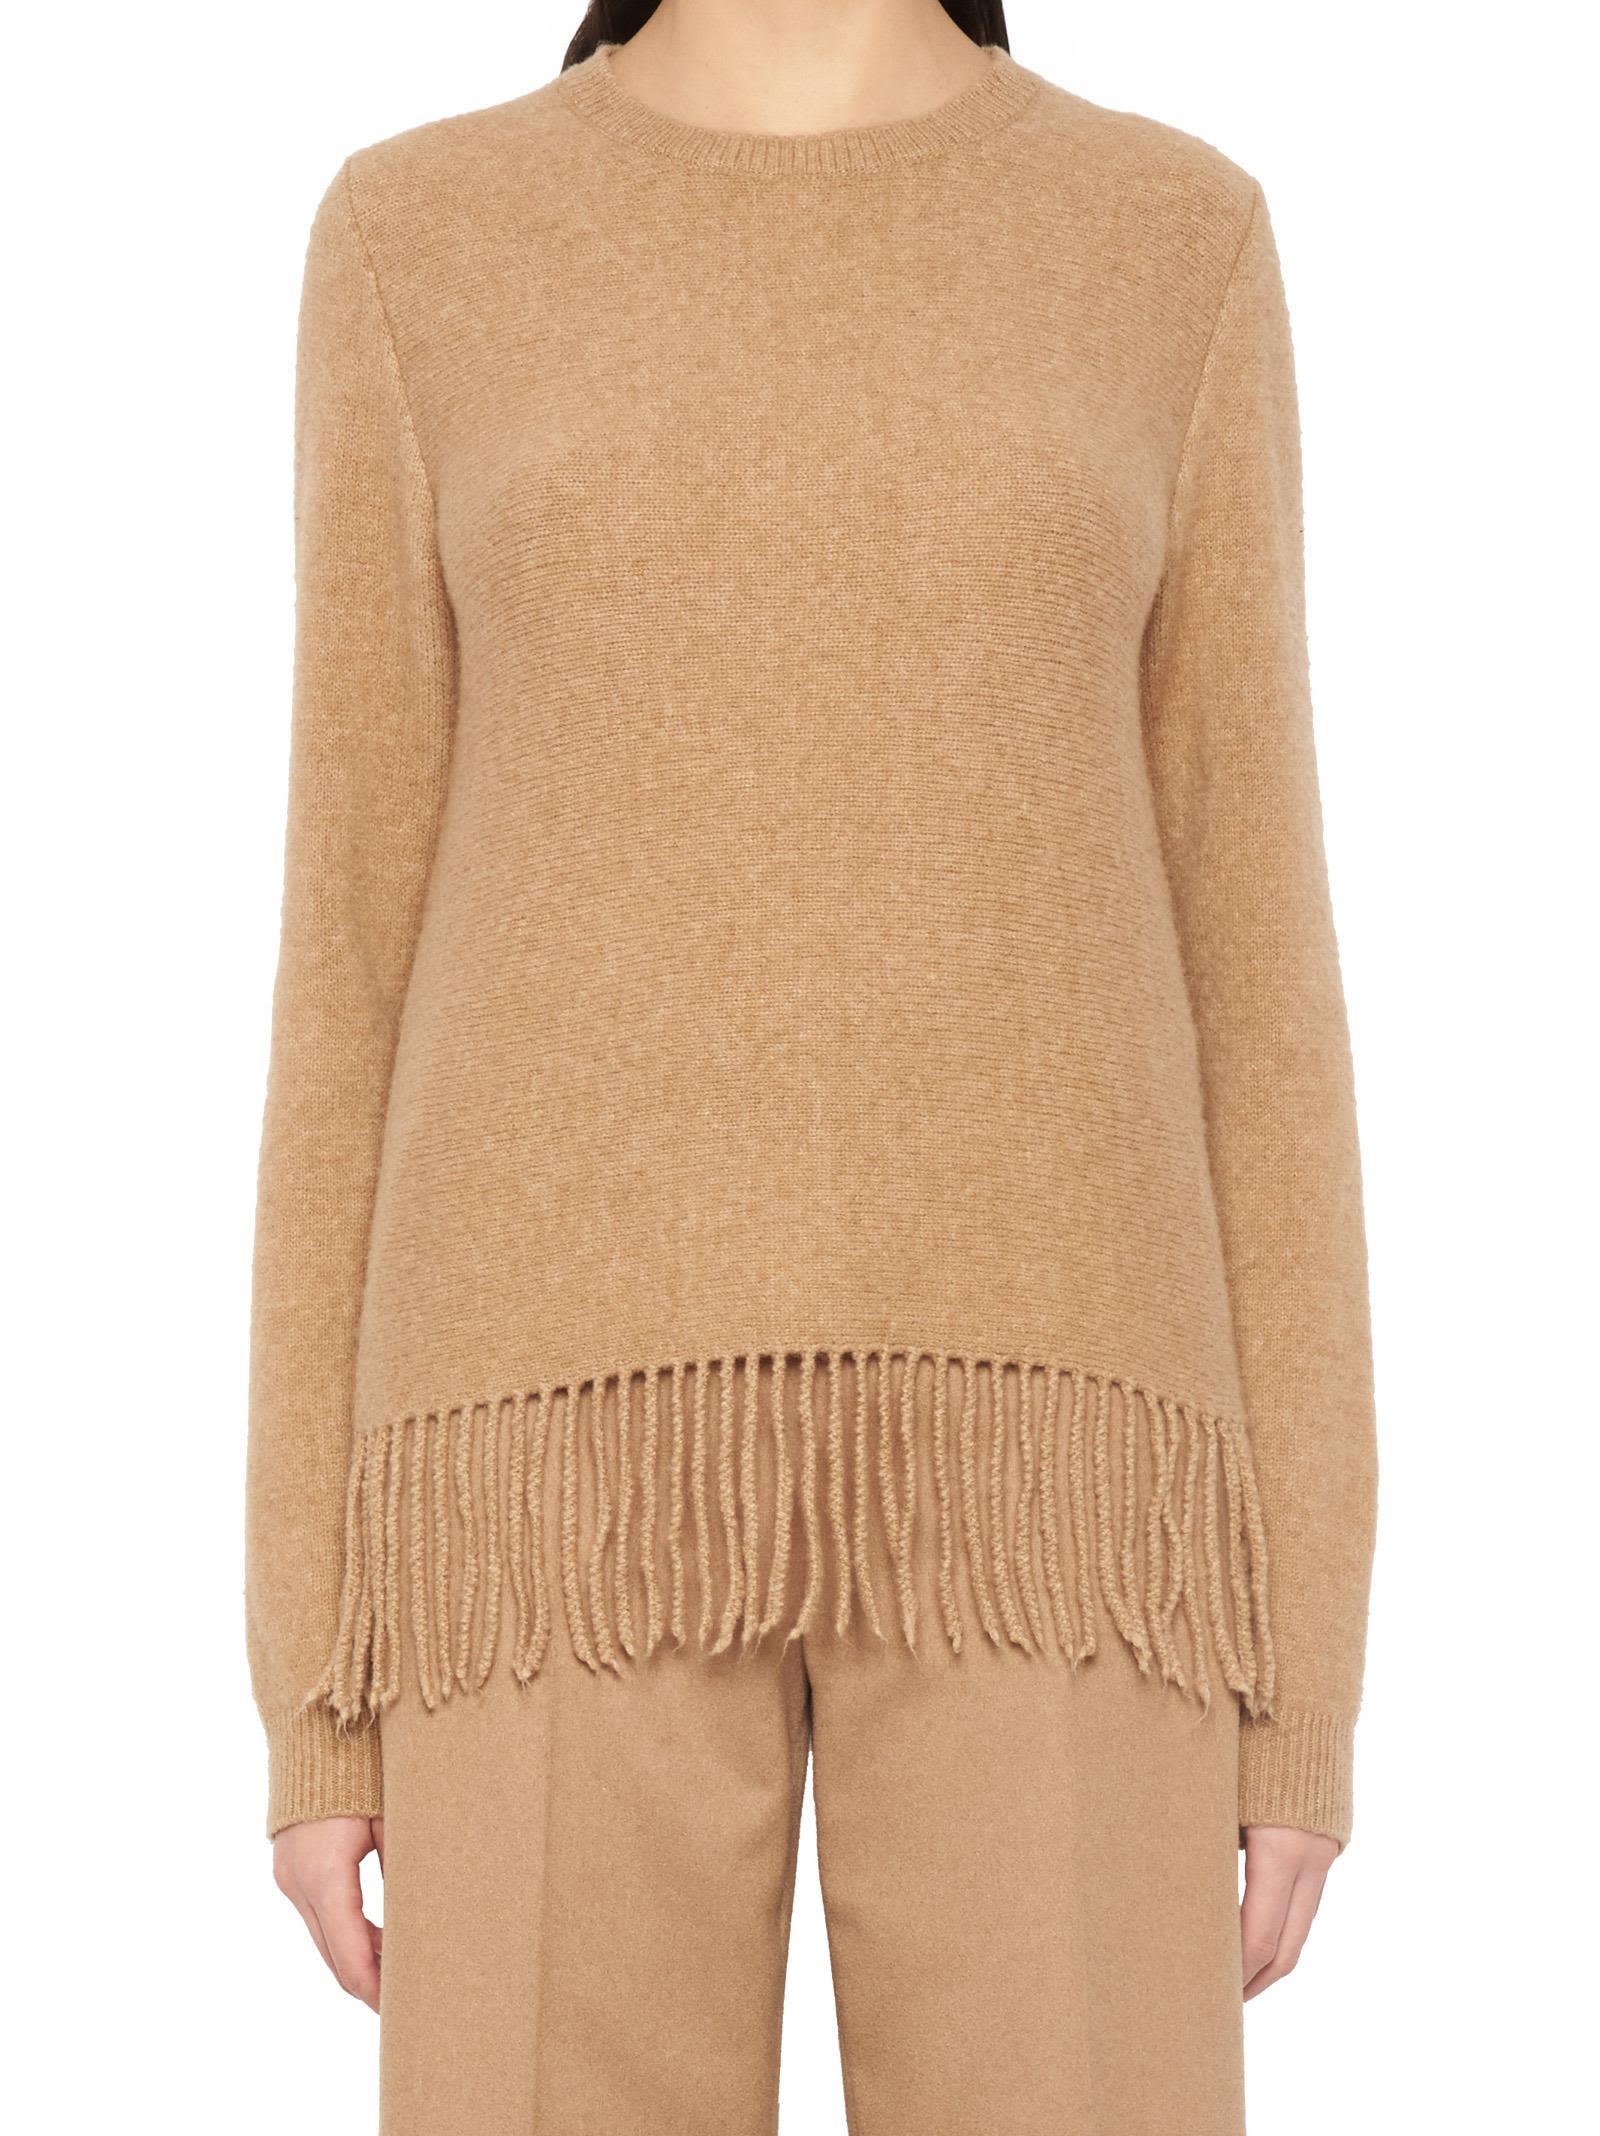 Max Mara 'tecnico' Sweater